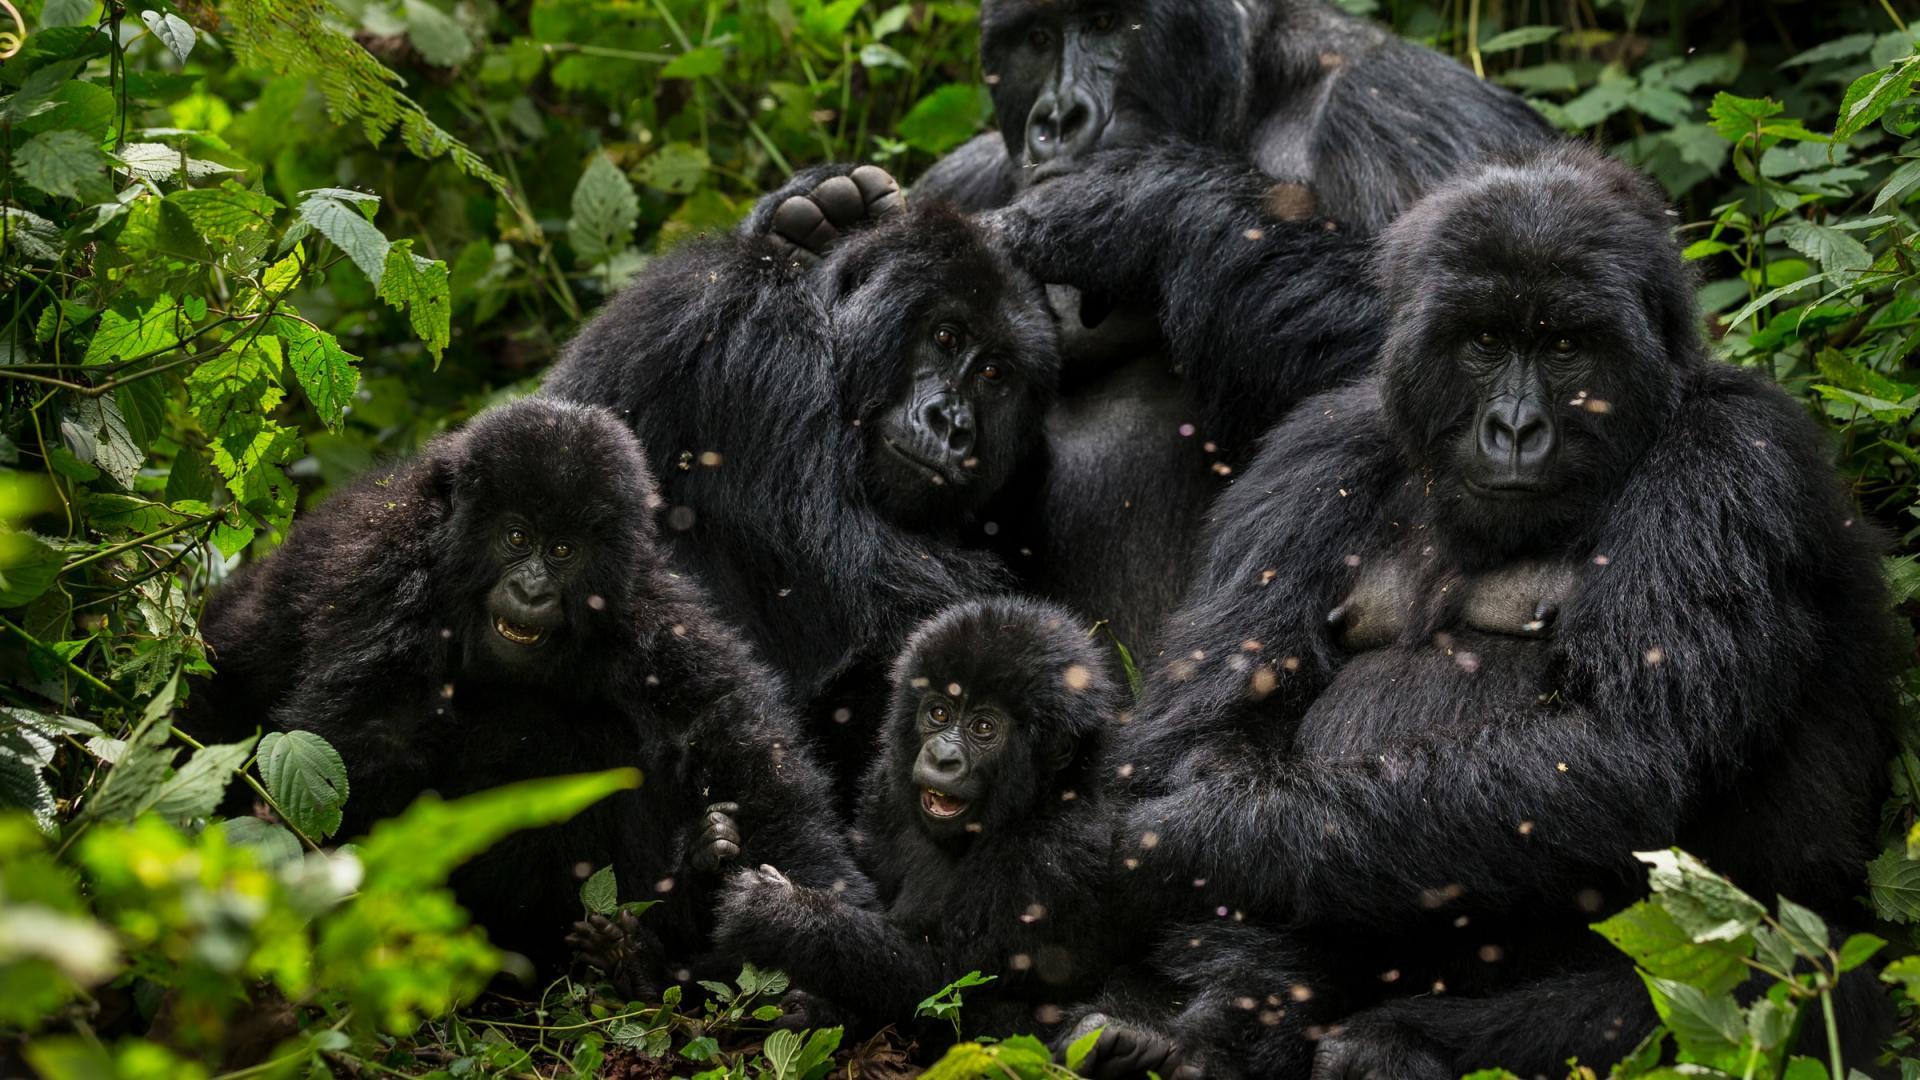 Des voix s'élèvent pour désavouer le gros mensonge de TF1 sur les gorilles de montagne (CongoForum)